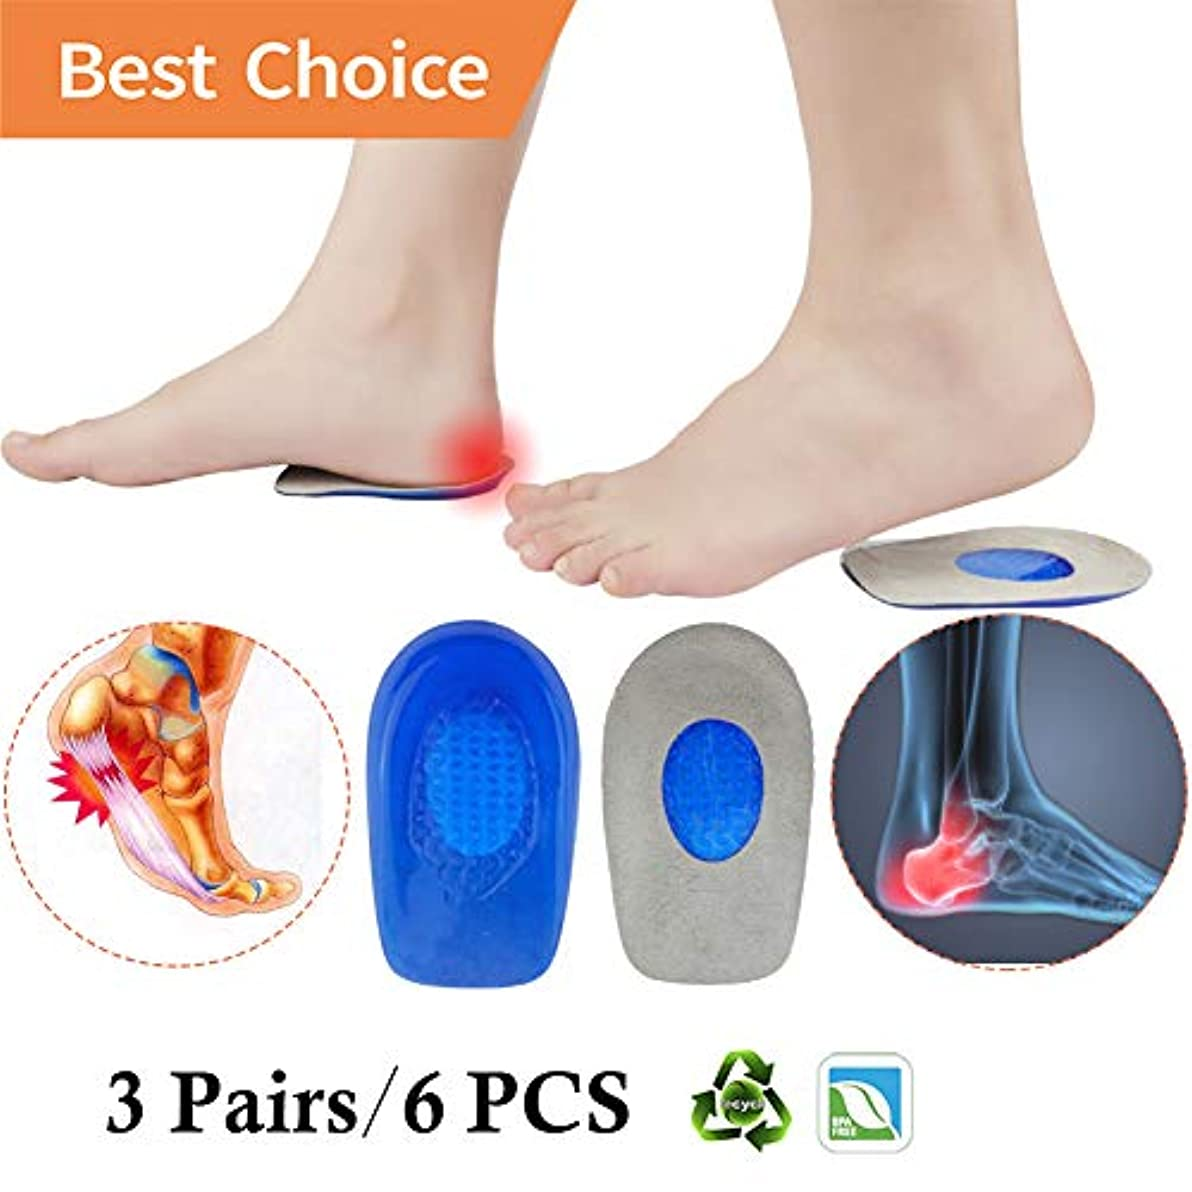 機関批判的ジャケット足底筋膜炎インサート かかと中敷き ヒールカップ ゲル ヒールパッド クッション (3ペア)ヒールインサート 踵の痛みに最適 アキレス腱炎 男女兼用